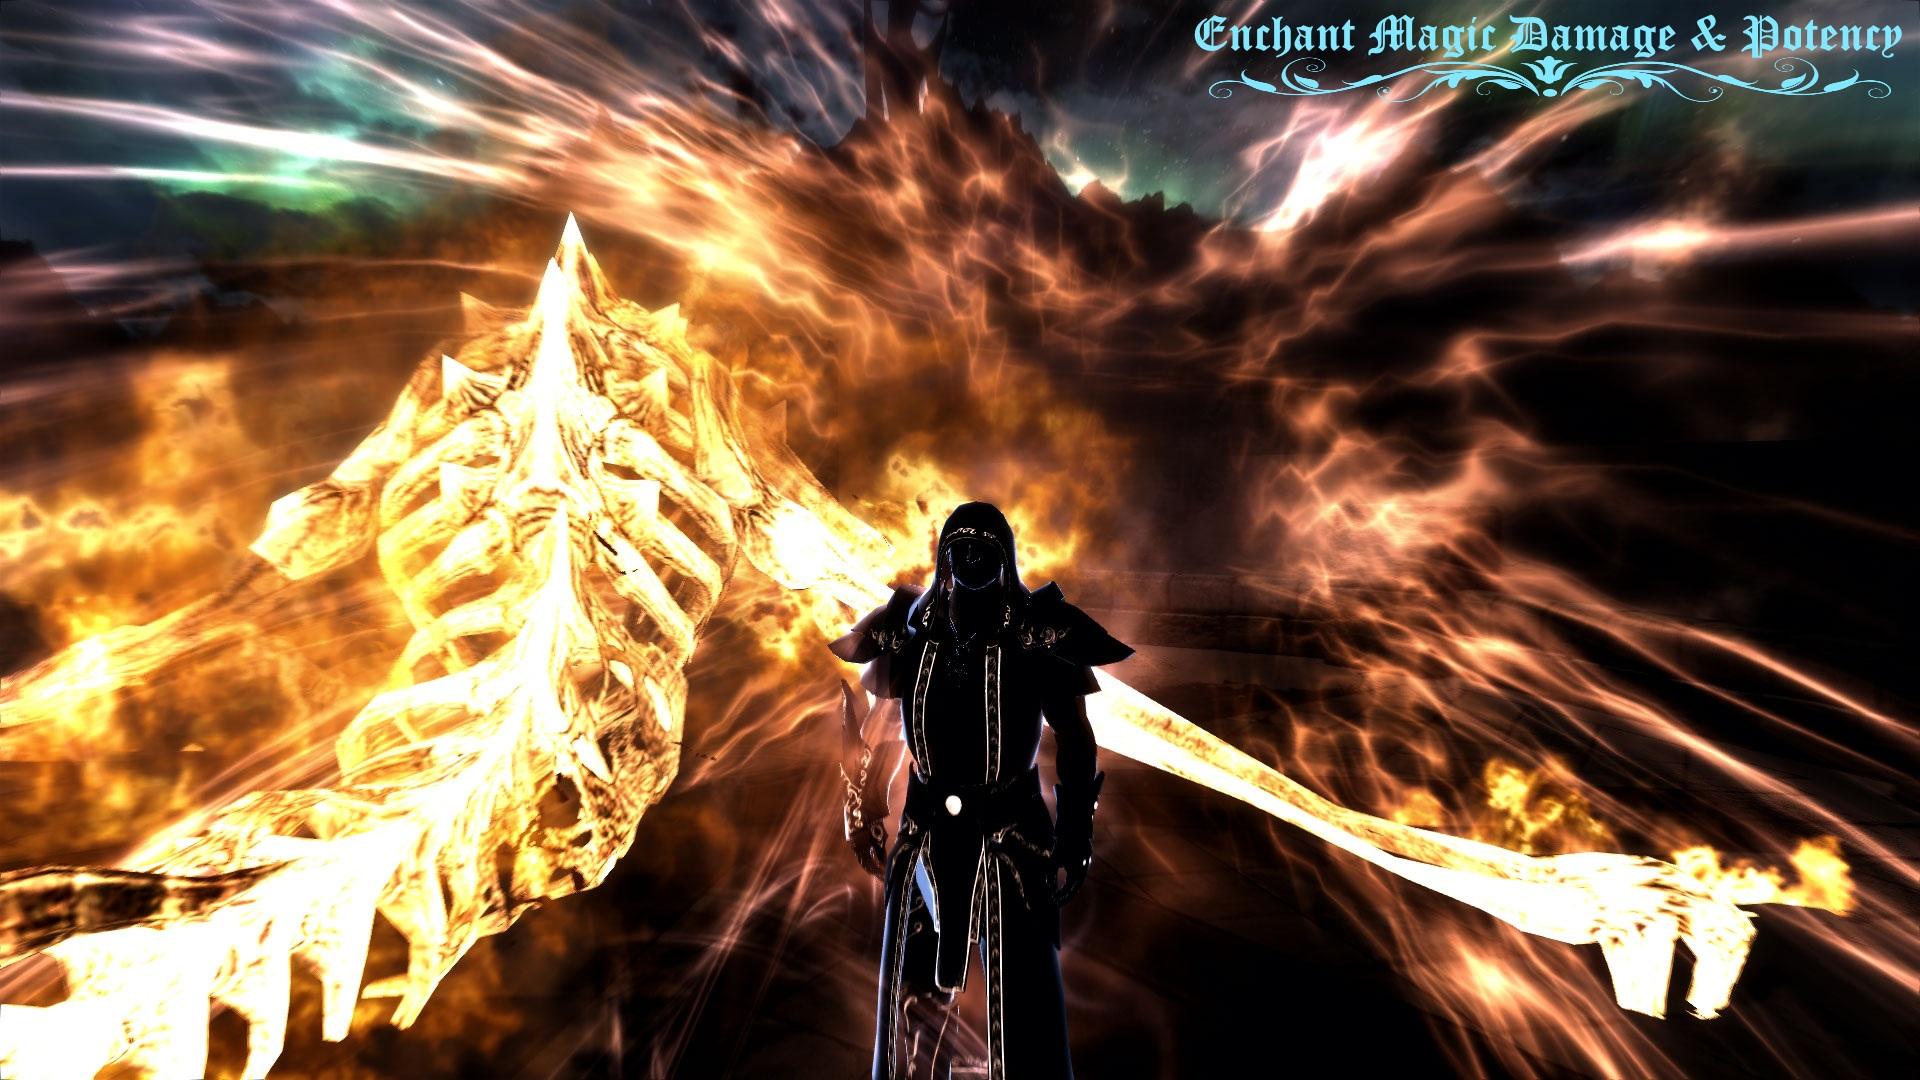 Enchant_Magic_Damage_and_Potency.jpg